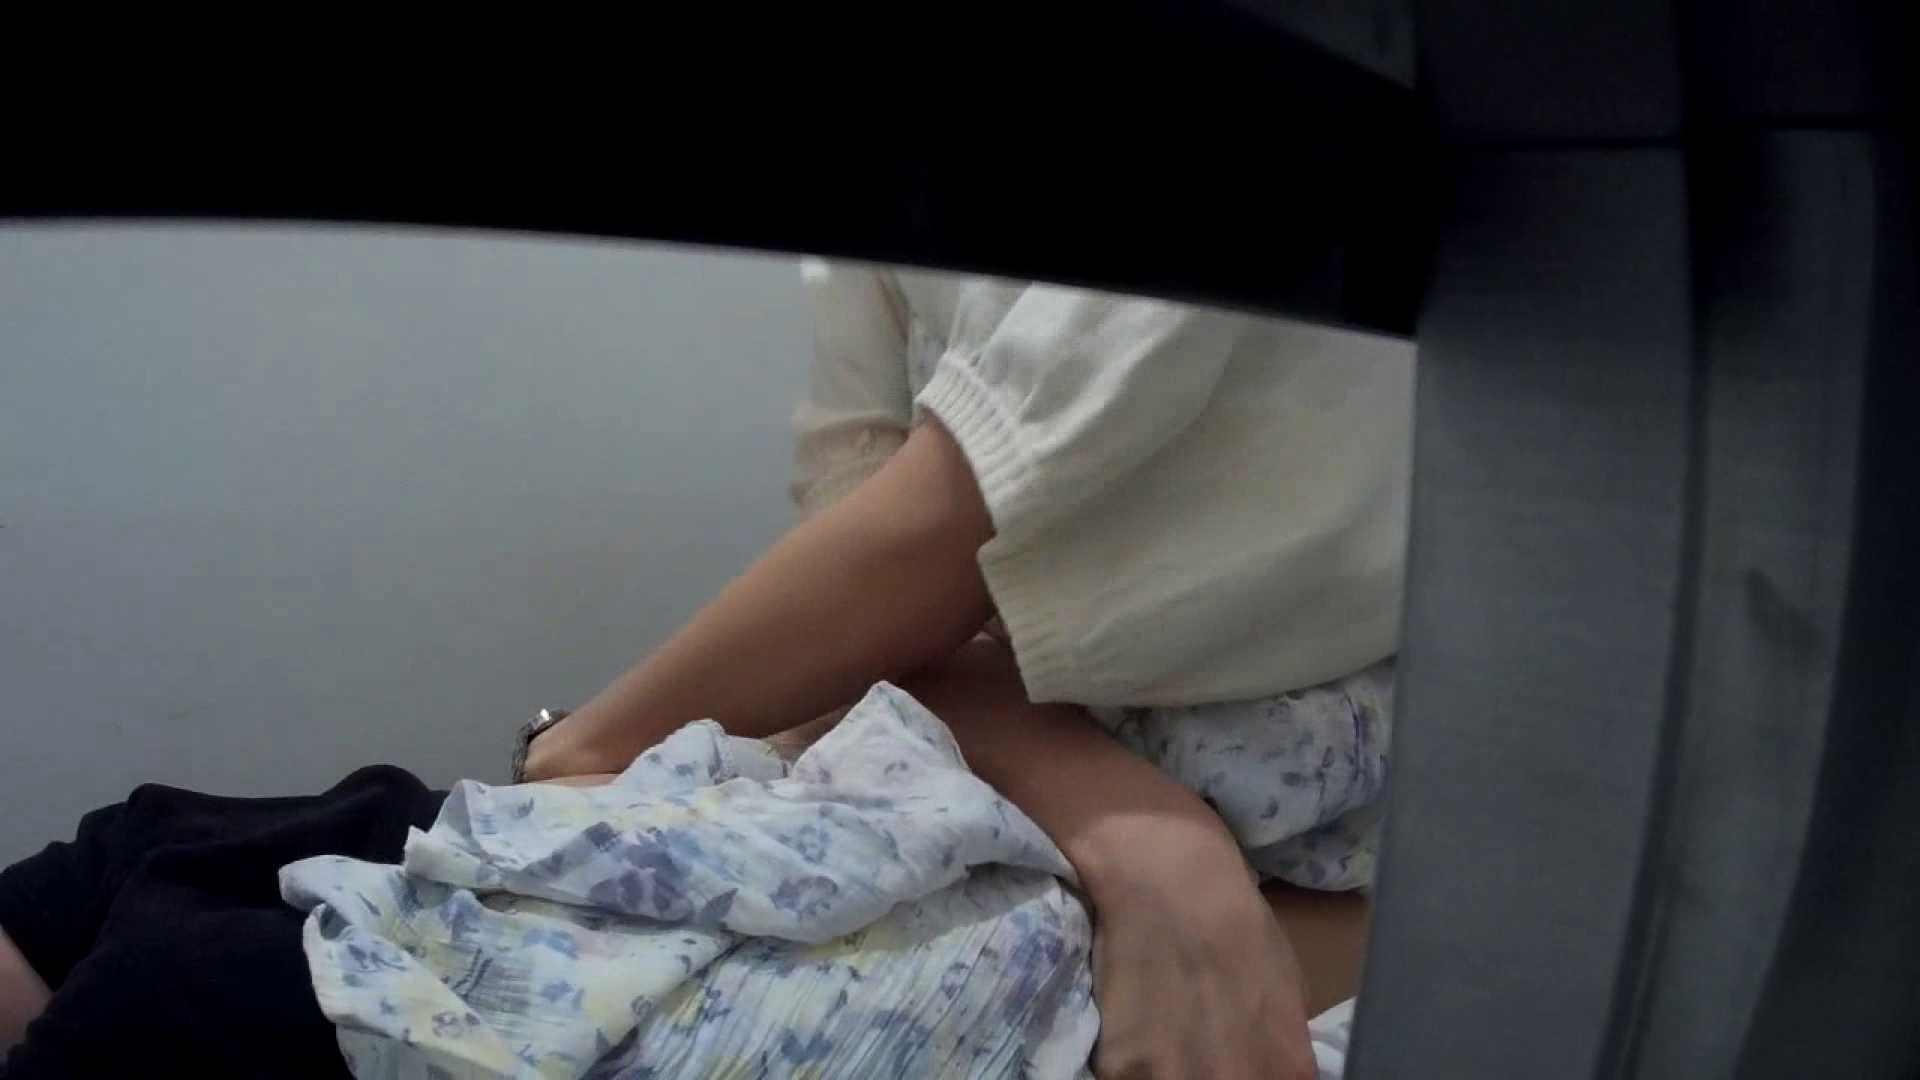 有名大学女性洗面所 vol.40 ??おまじない的な動きをする子がいます。 洗面所 すけべAV動画紹介 22連発 15